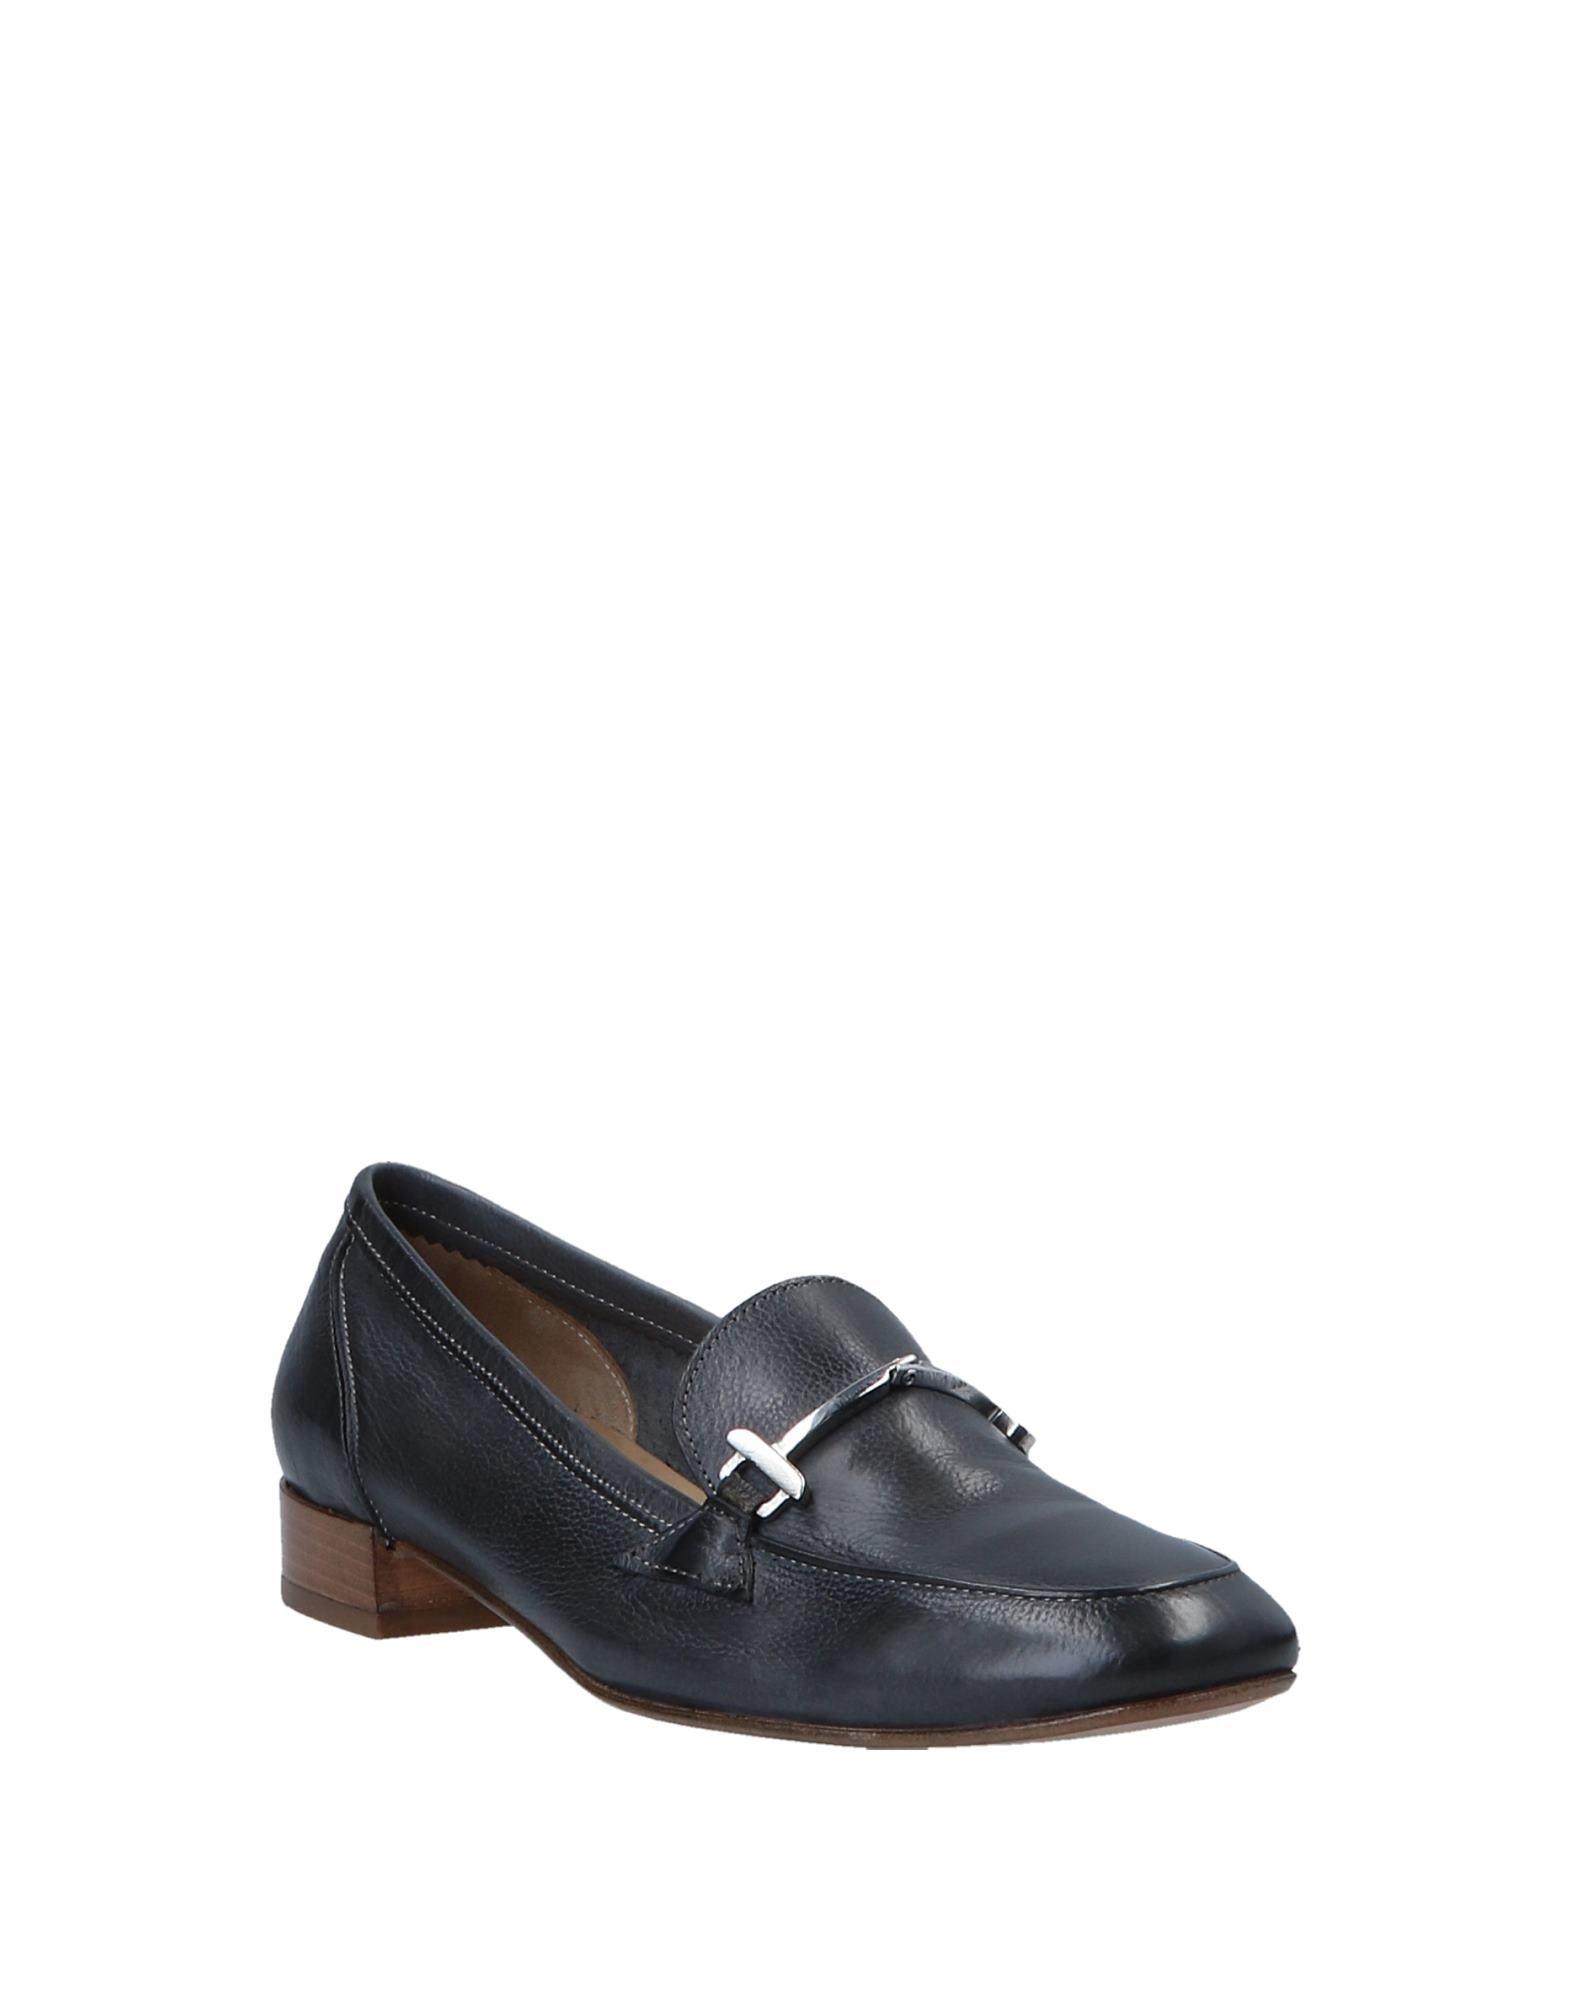 Calpierre Gute Mokassins Damen  11551992IH Gute Calpierre Qualität beliebte Schuhe fbd477